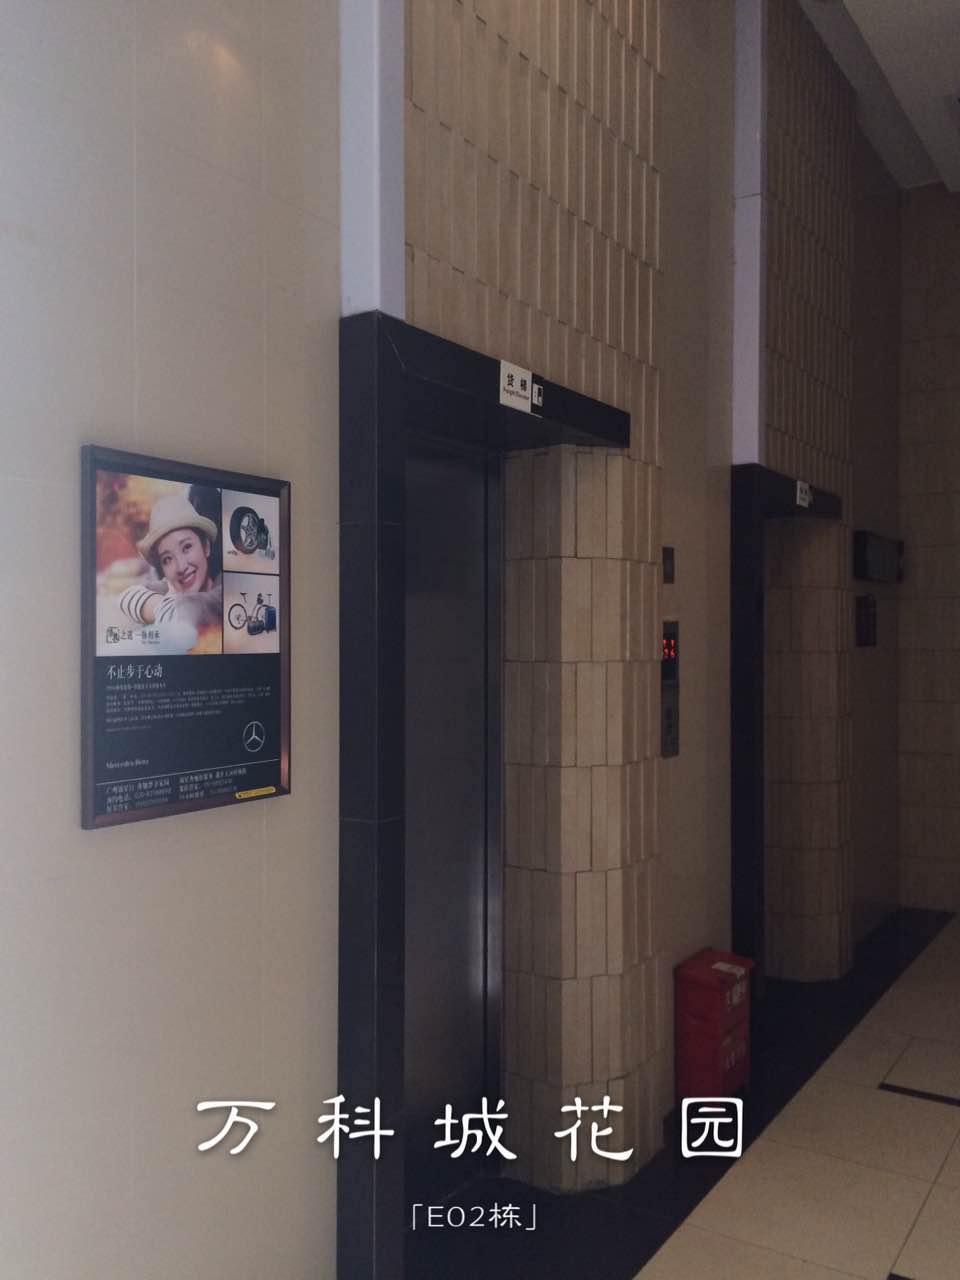 广州珠江帝景电梯口框架广告发布